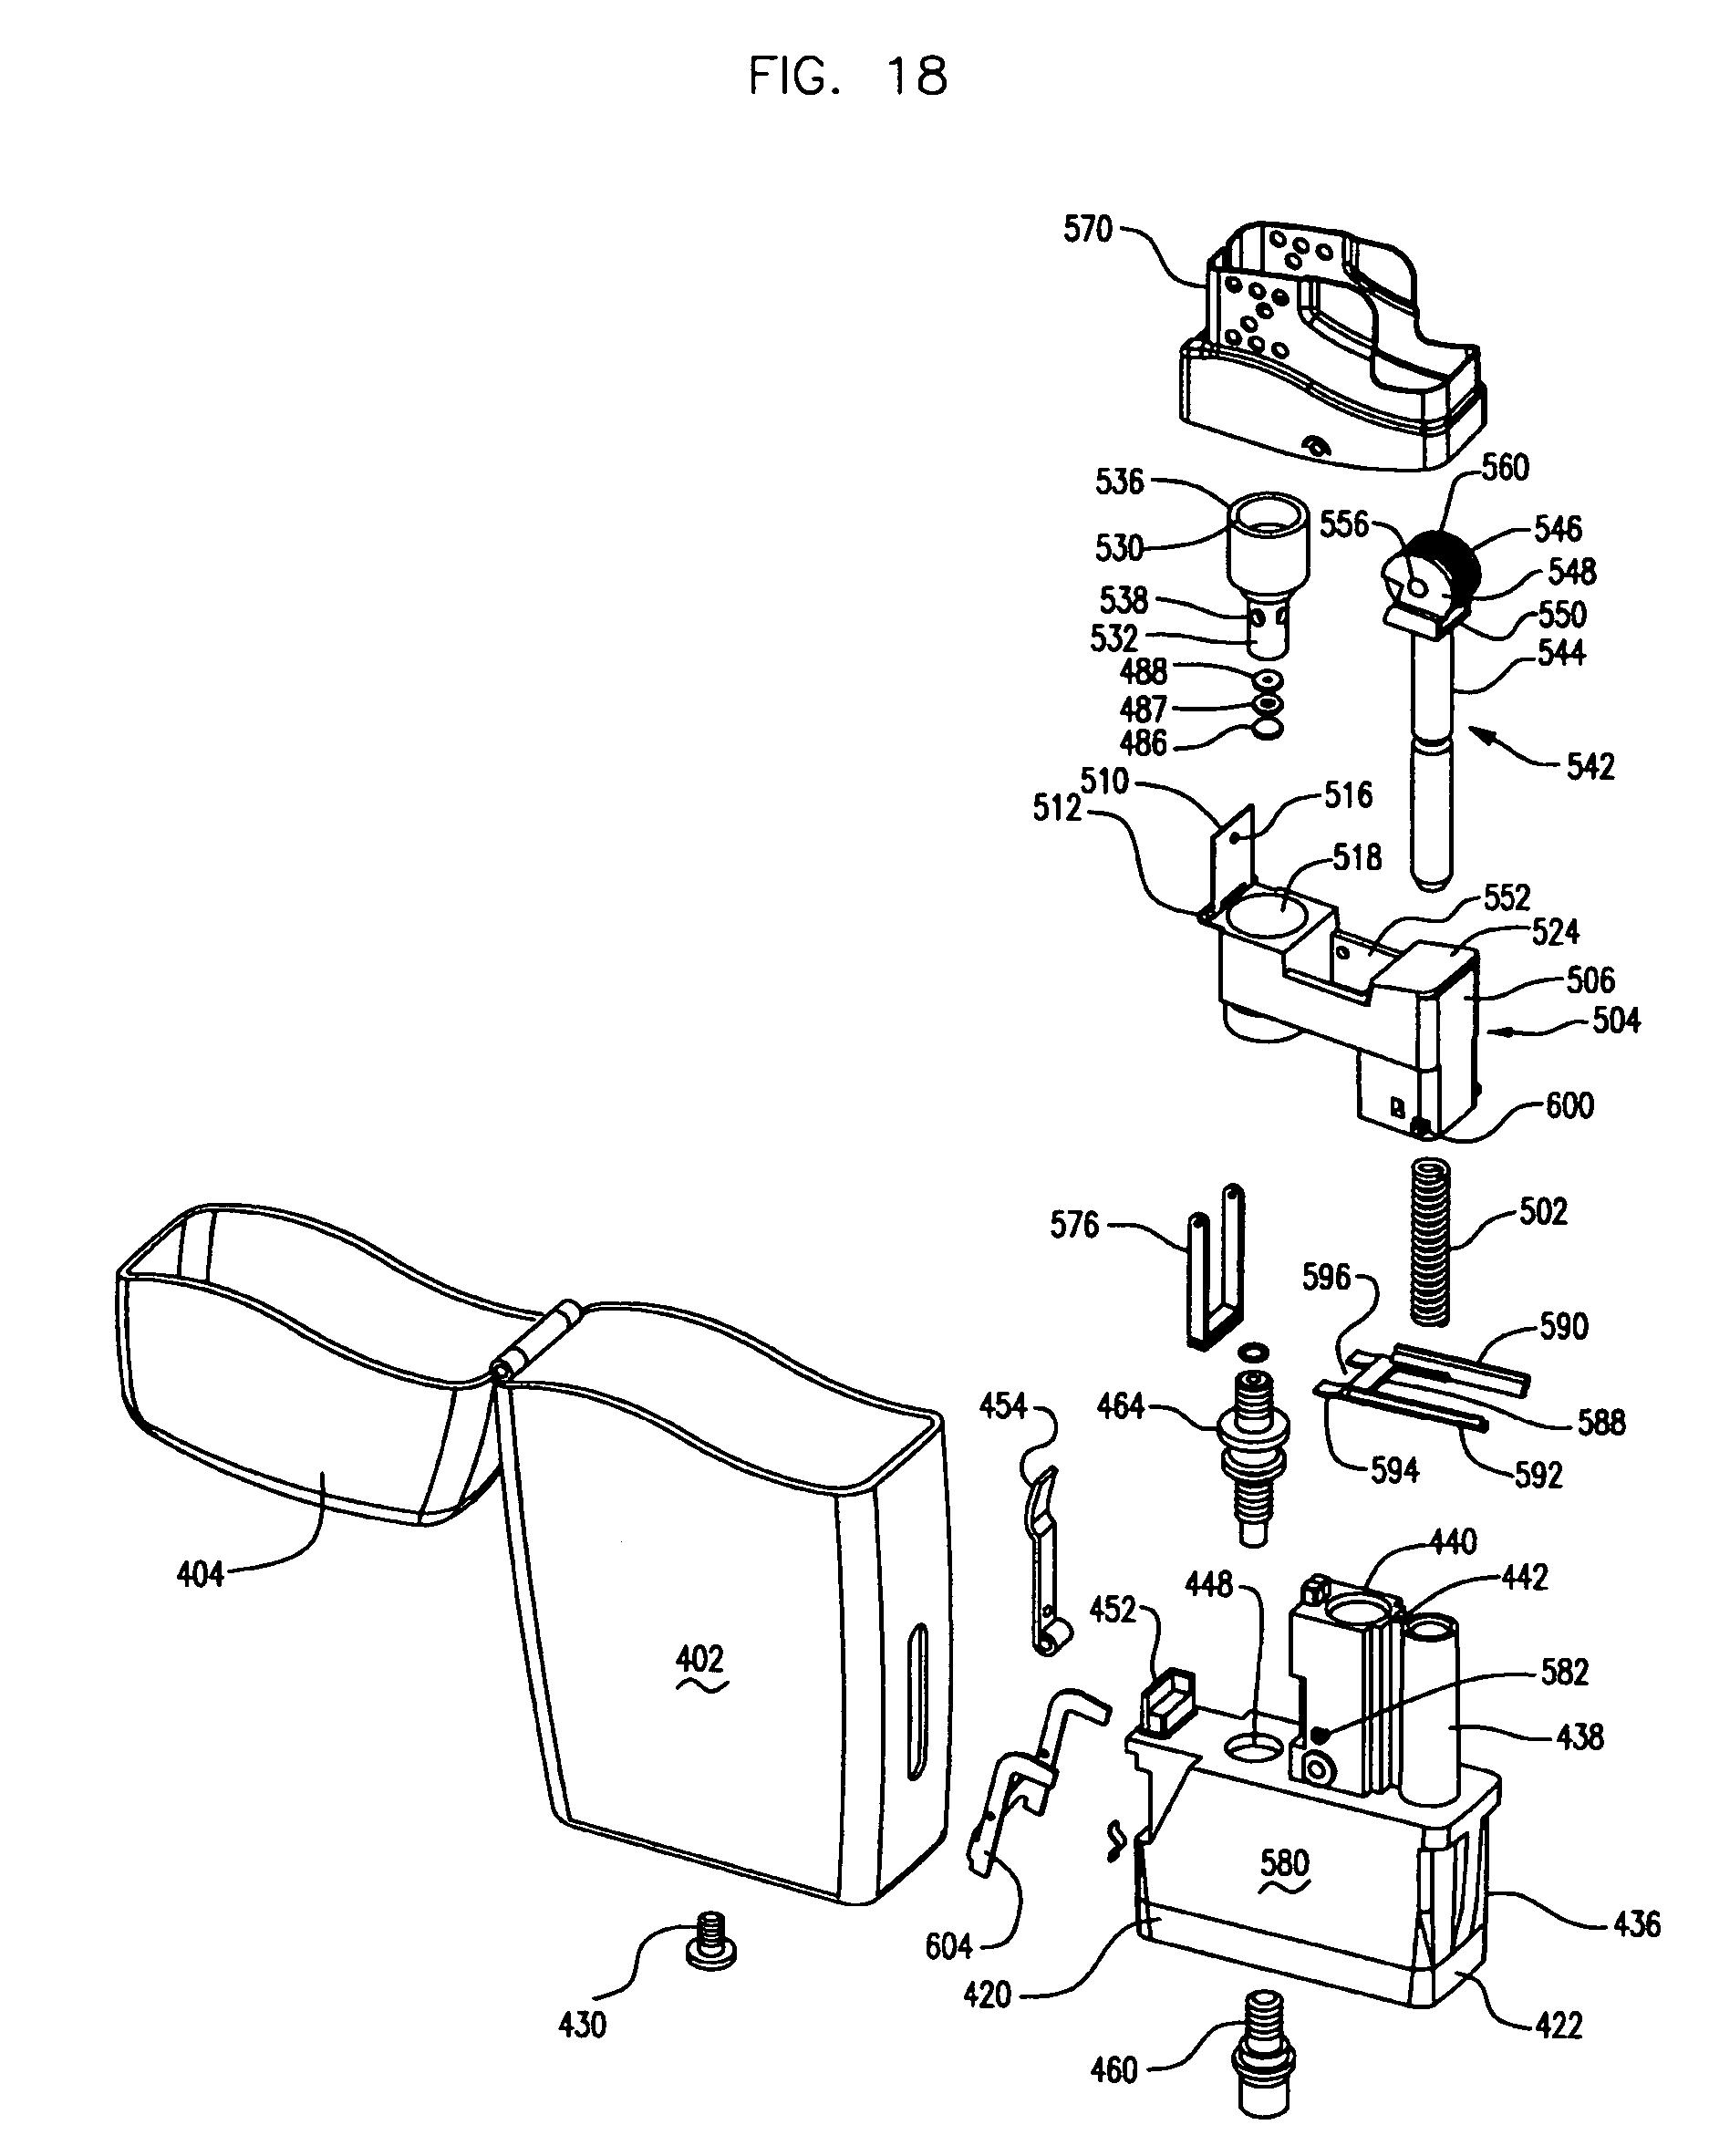 Bic Lighter Schematic View